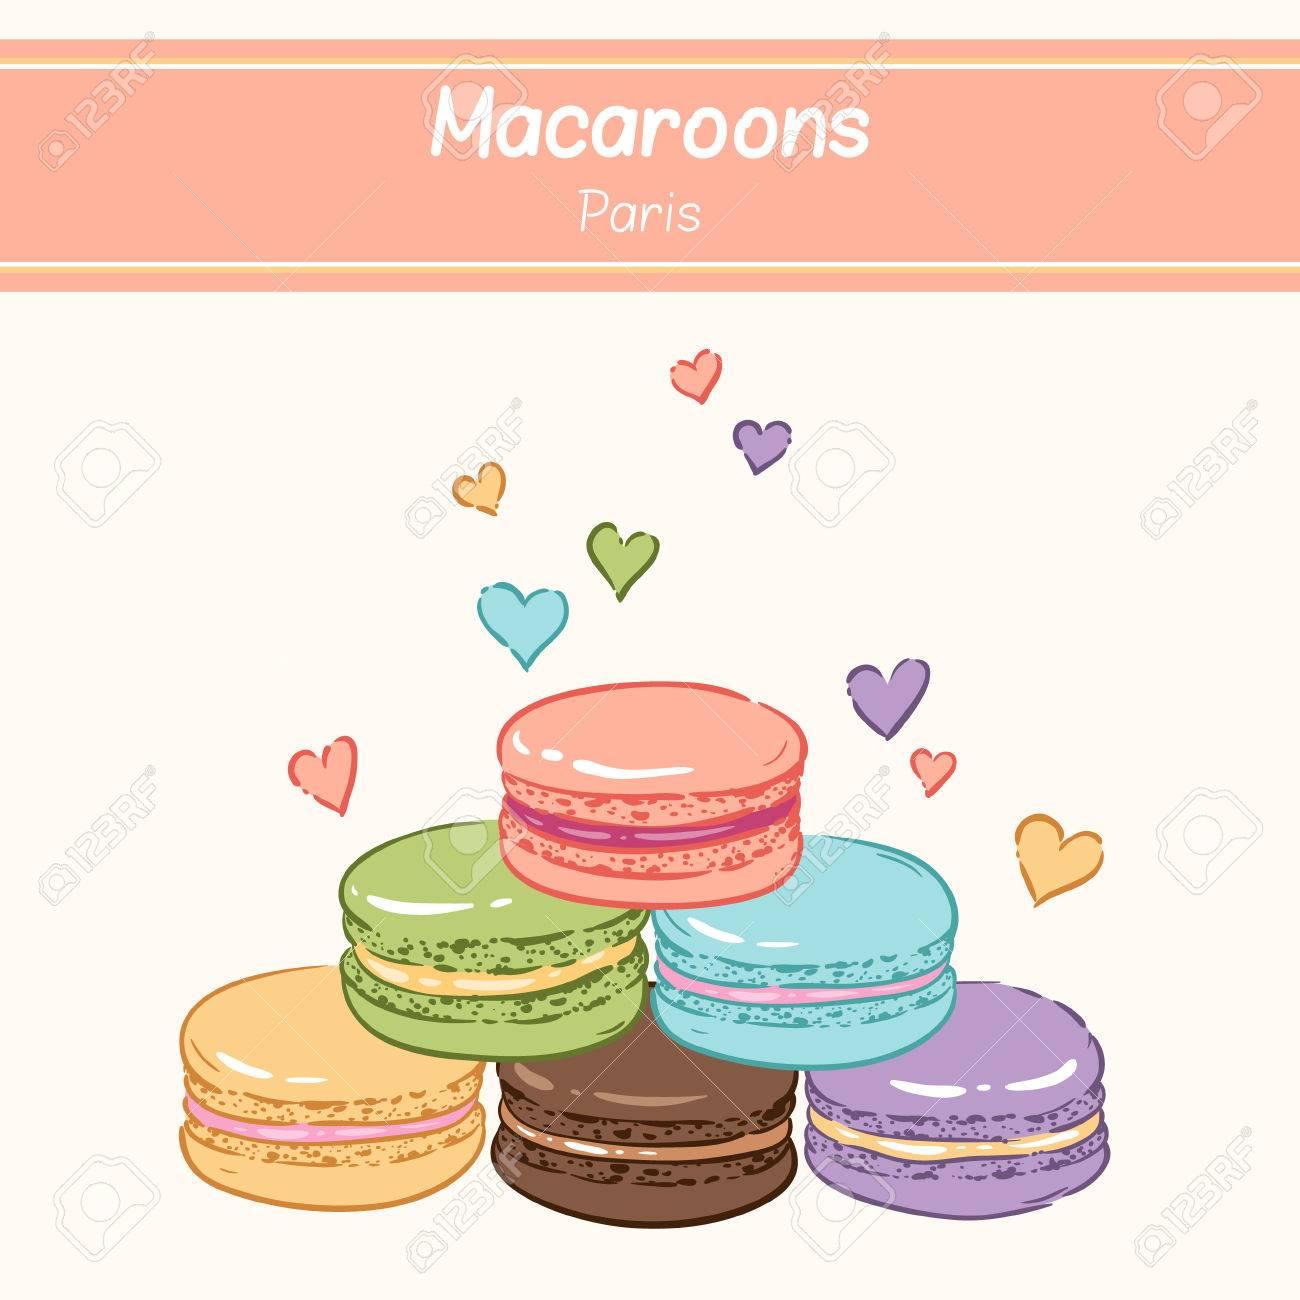 お菓子のかわいい背景 甘い色マカロンのピラミッド のイラスト素材 ベクタ Image